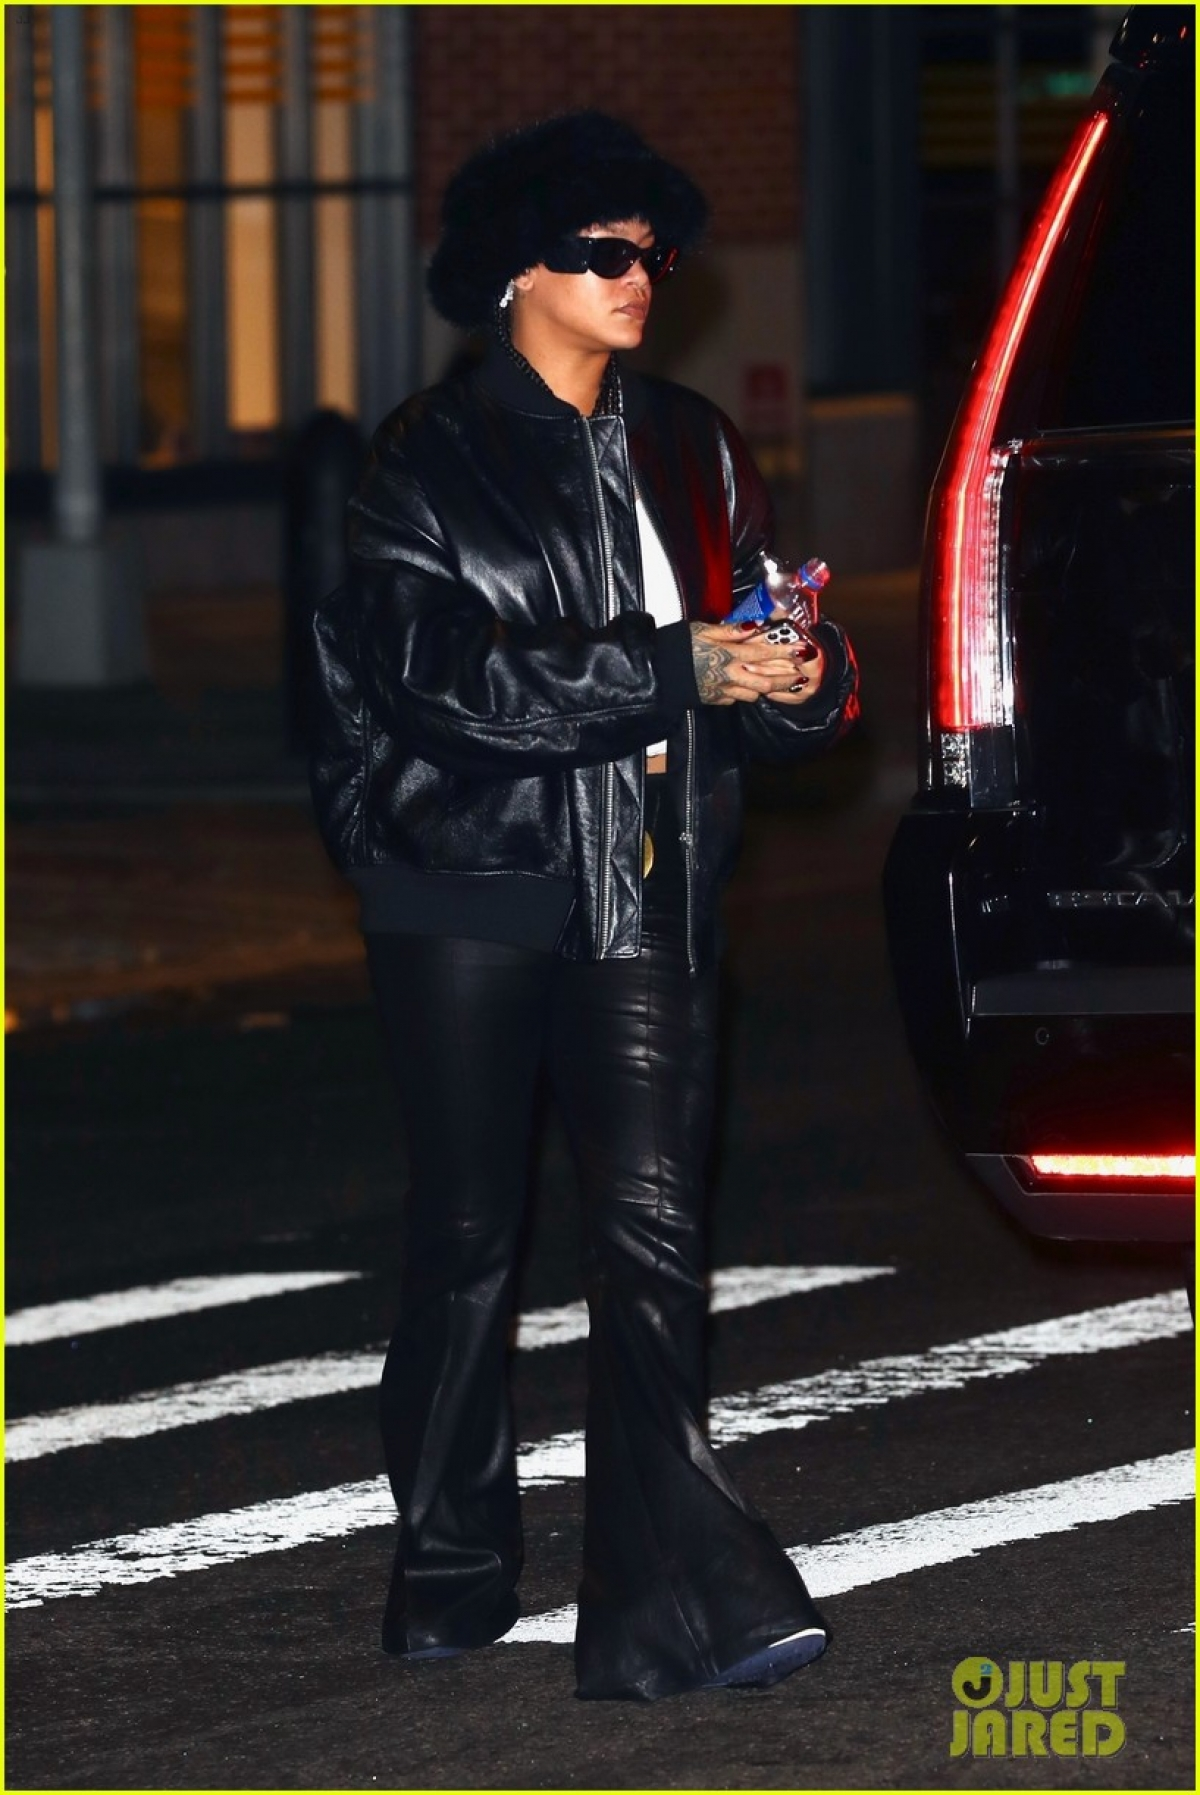 Mới đây, Rihanna được nhìn thấy khi đang đi chơi đêm ở New York.